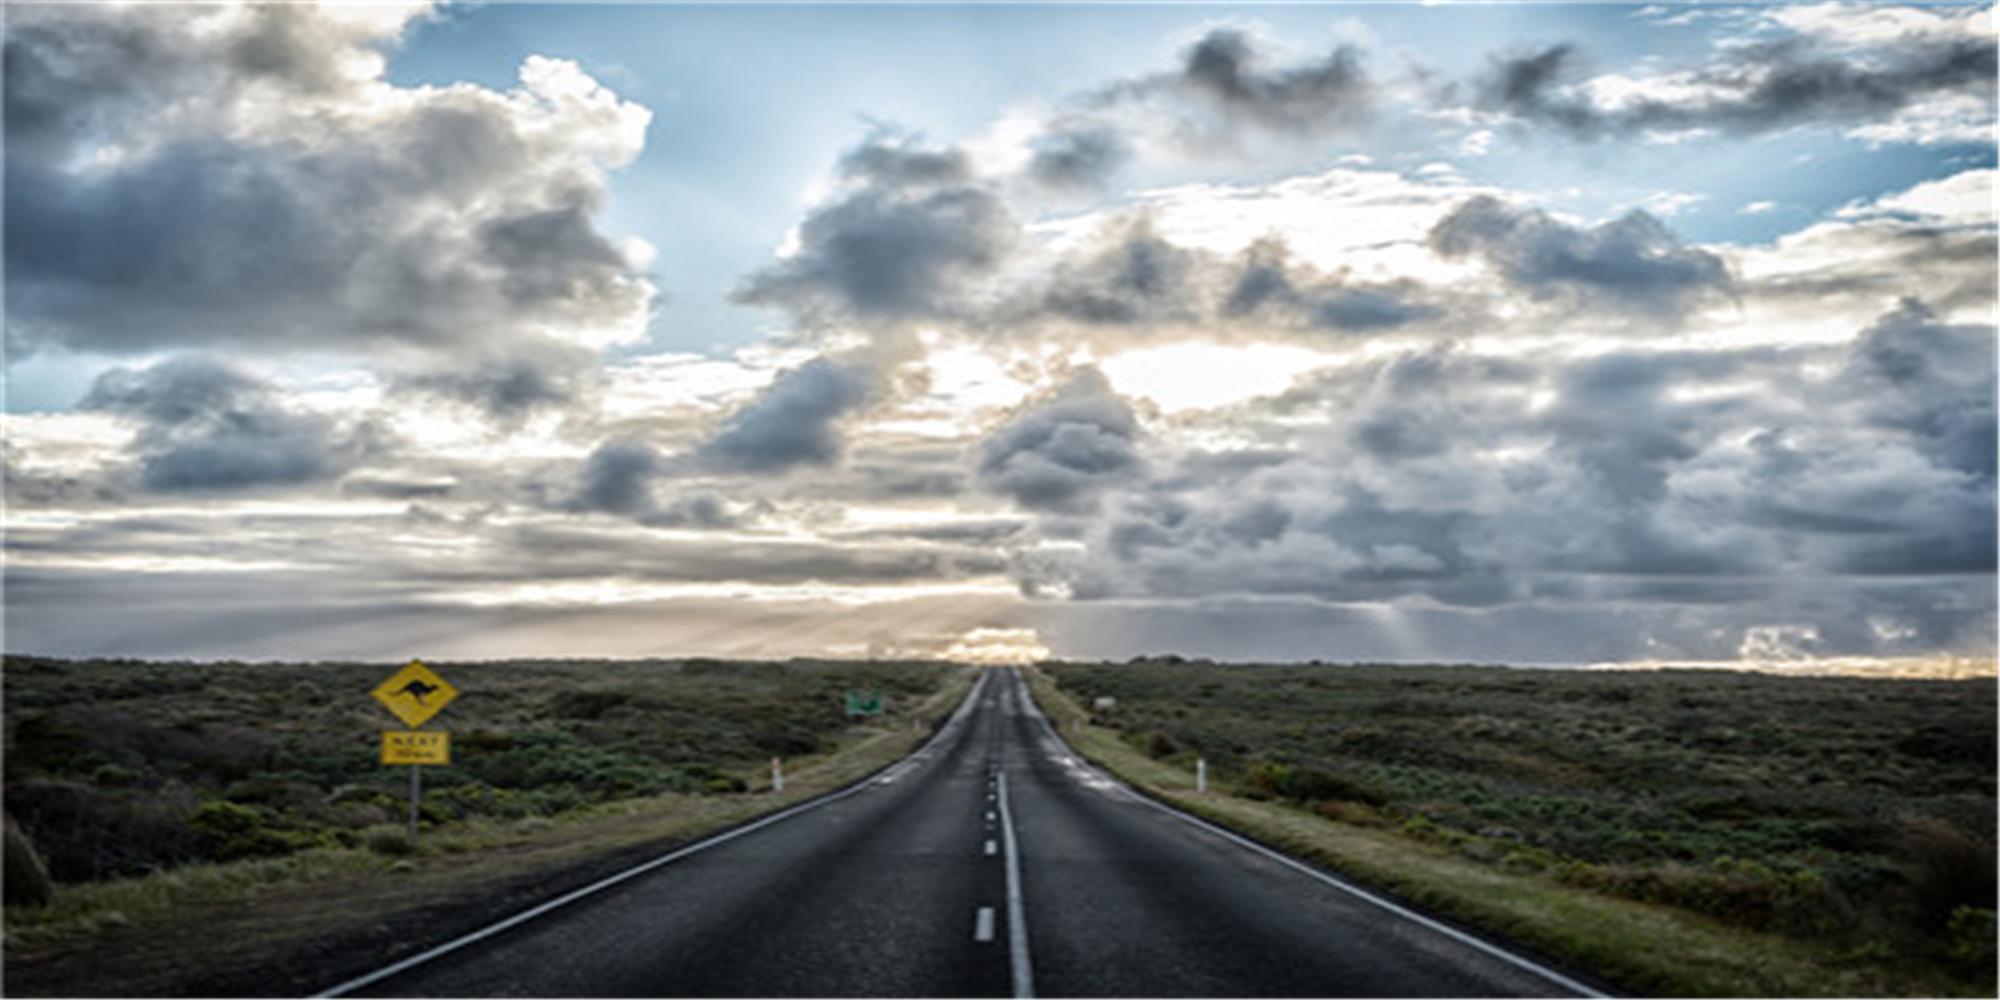 路_大洋路旅游攻略-2019大洋路自助游-周边自驾-游玩攻略-自由行